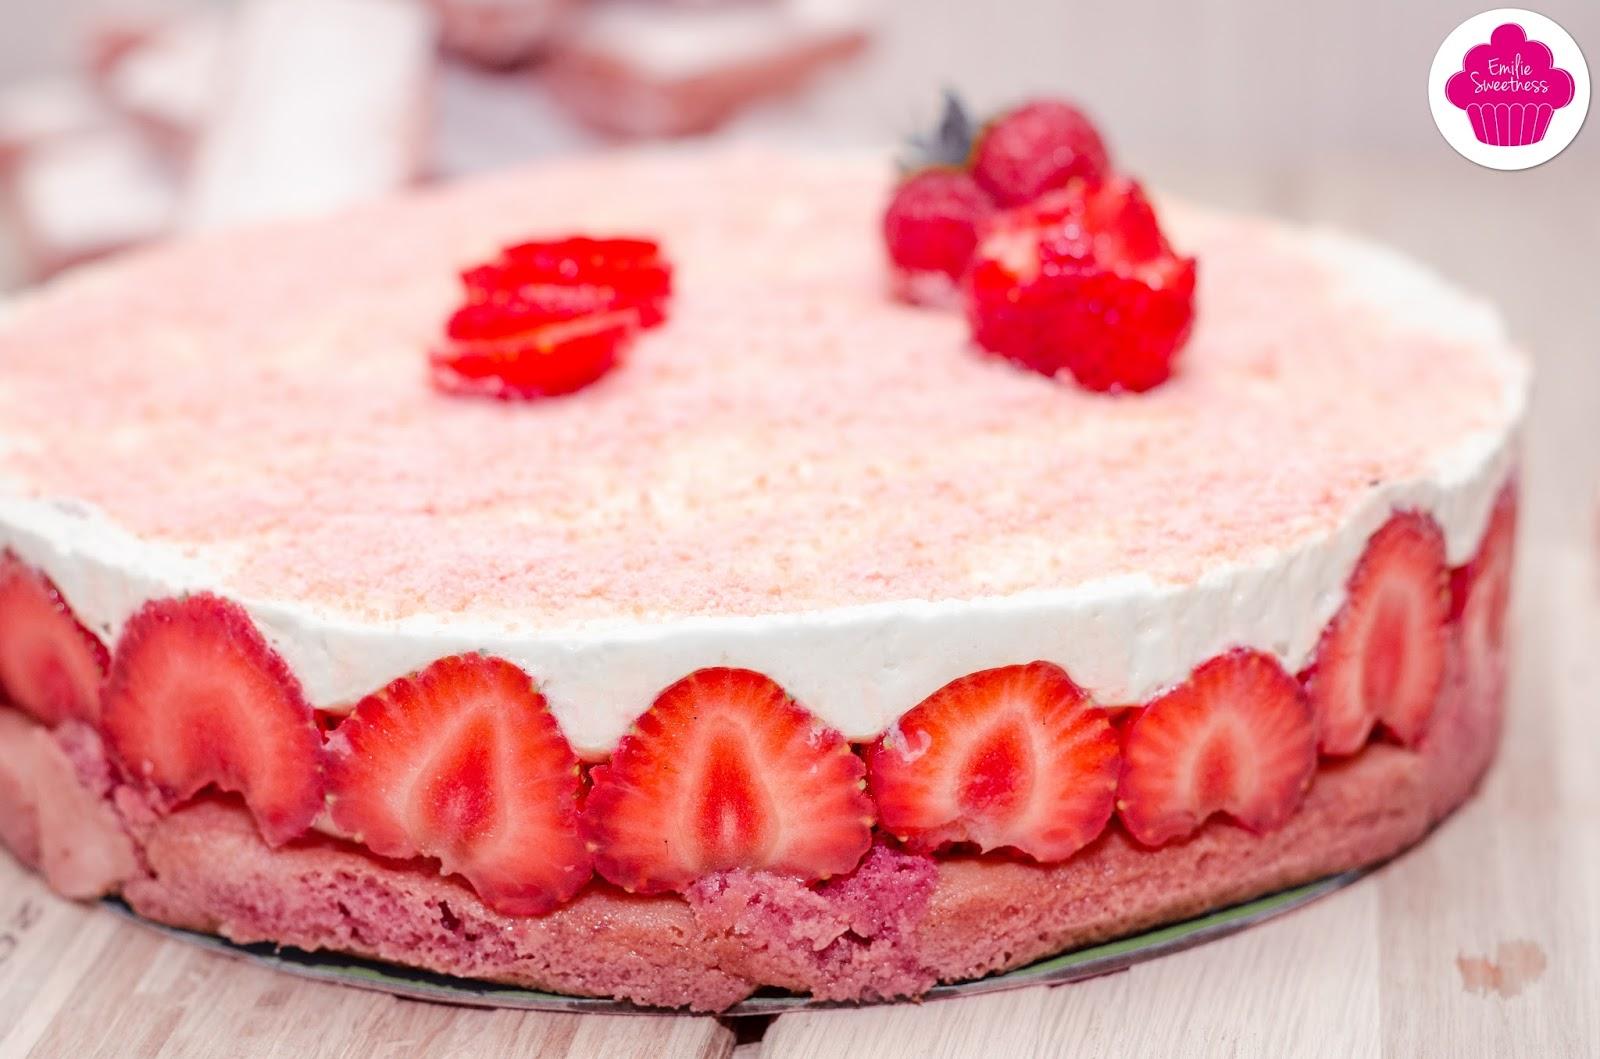 Cake Di Ef Bf Bdt Ef Bf Bdtique Banane